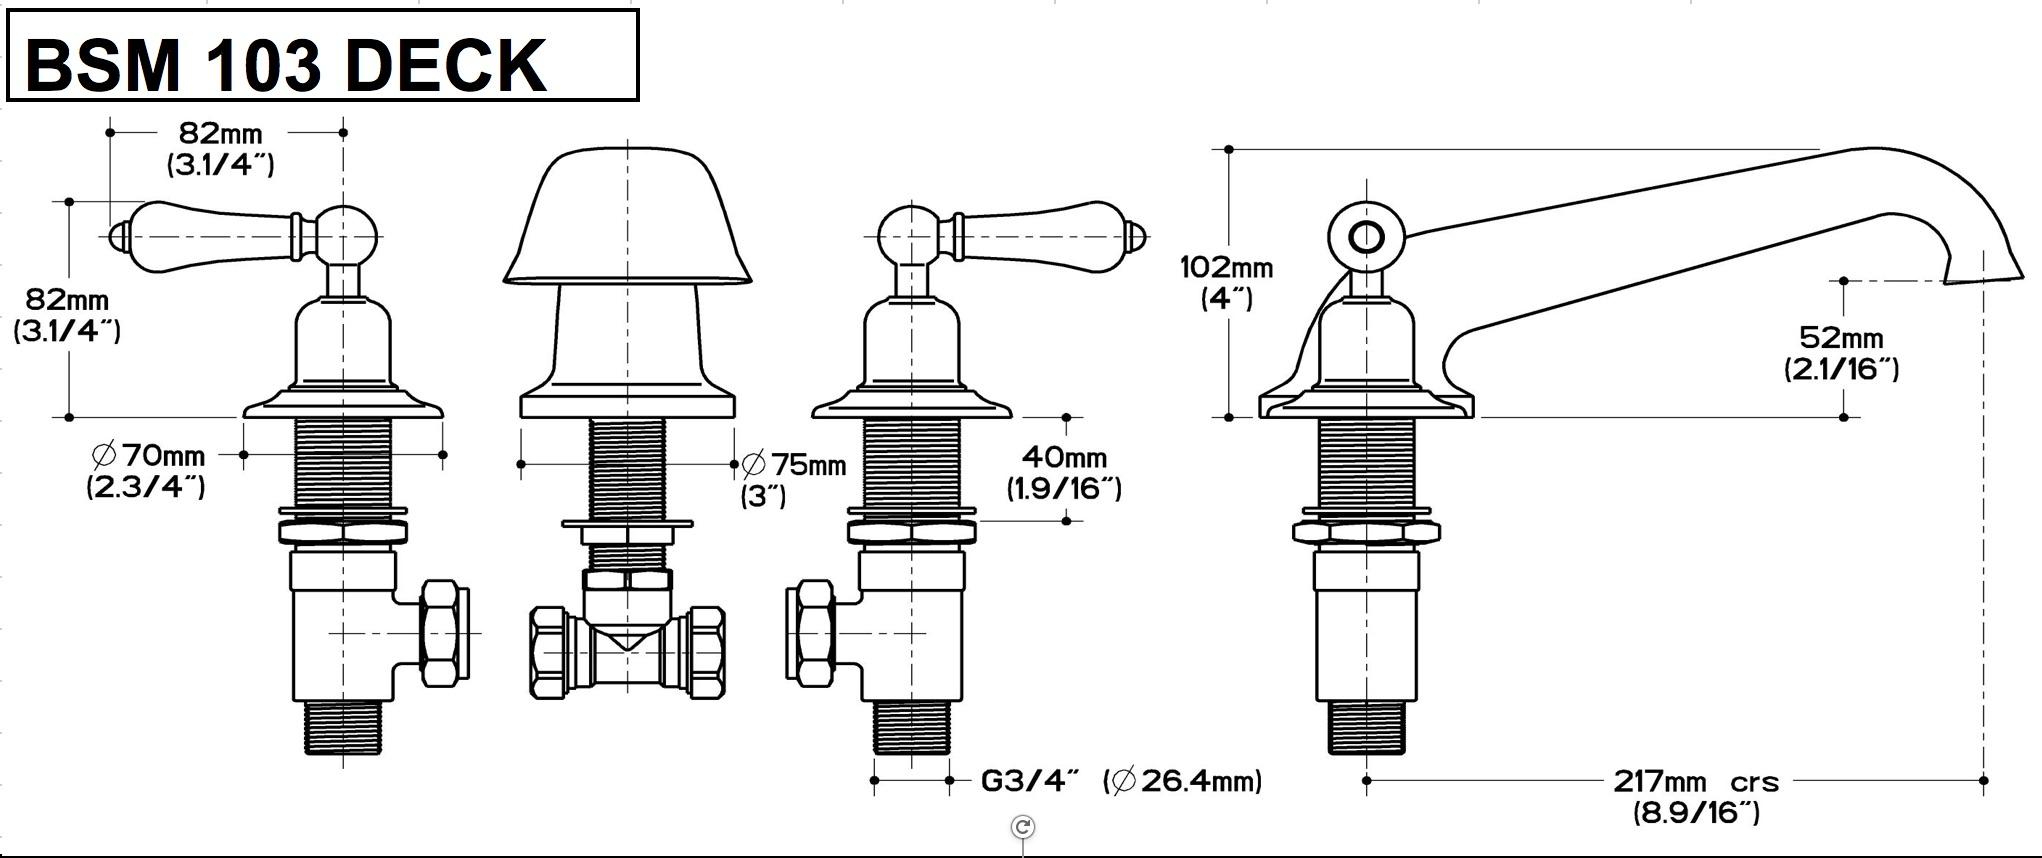 BSM 103 DECK BATH FILLER